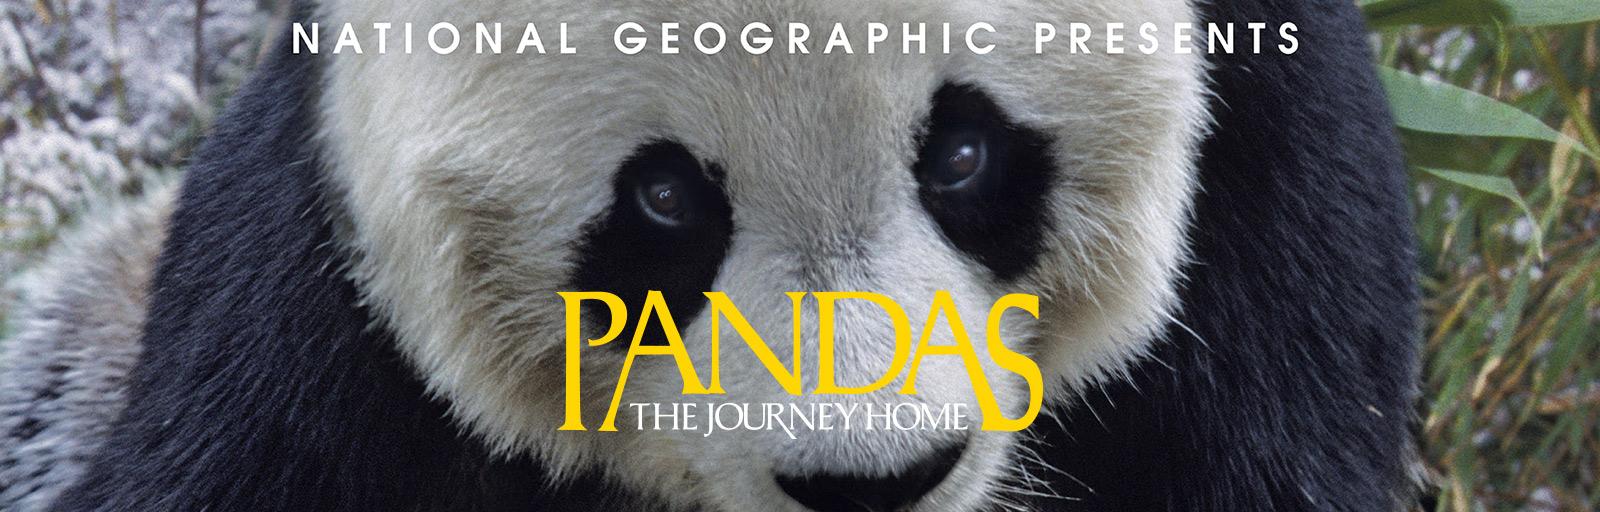 pandas-webslider